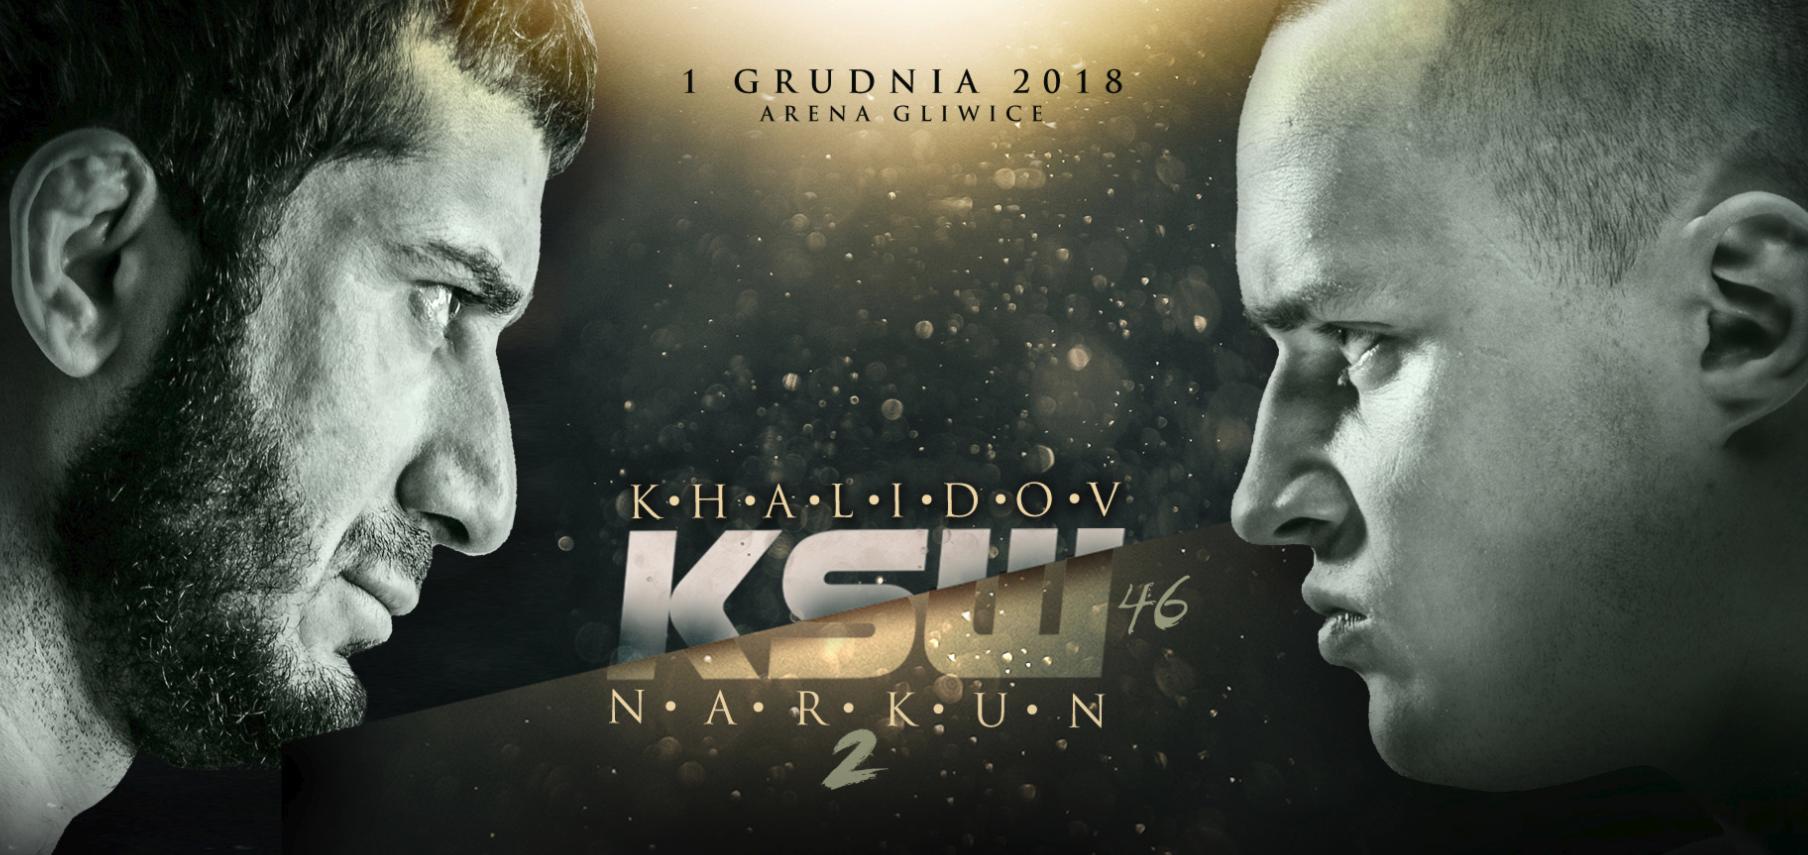 Gala KSW 46 w Gliwicach już 1. grudnia